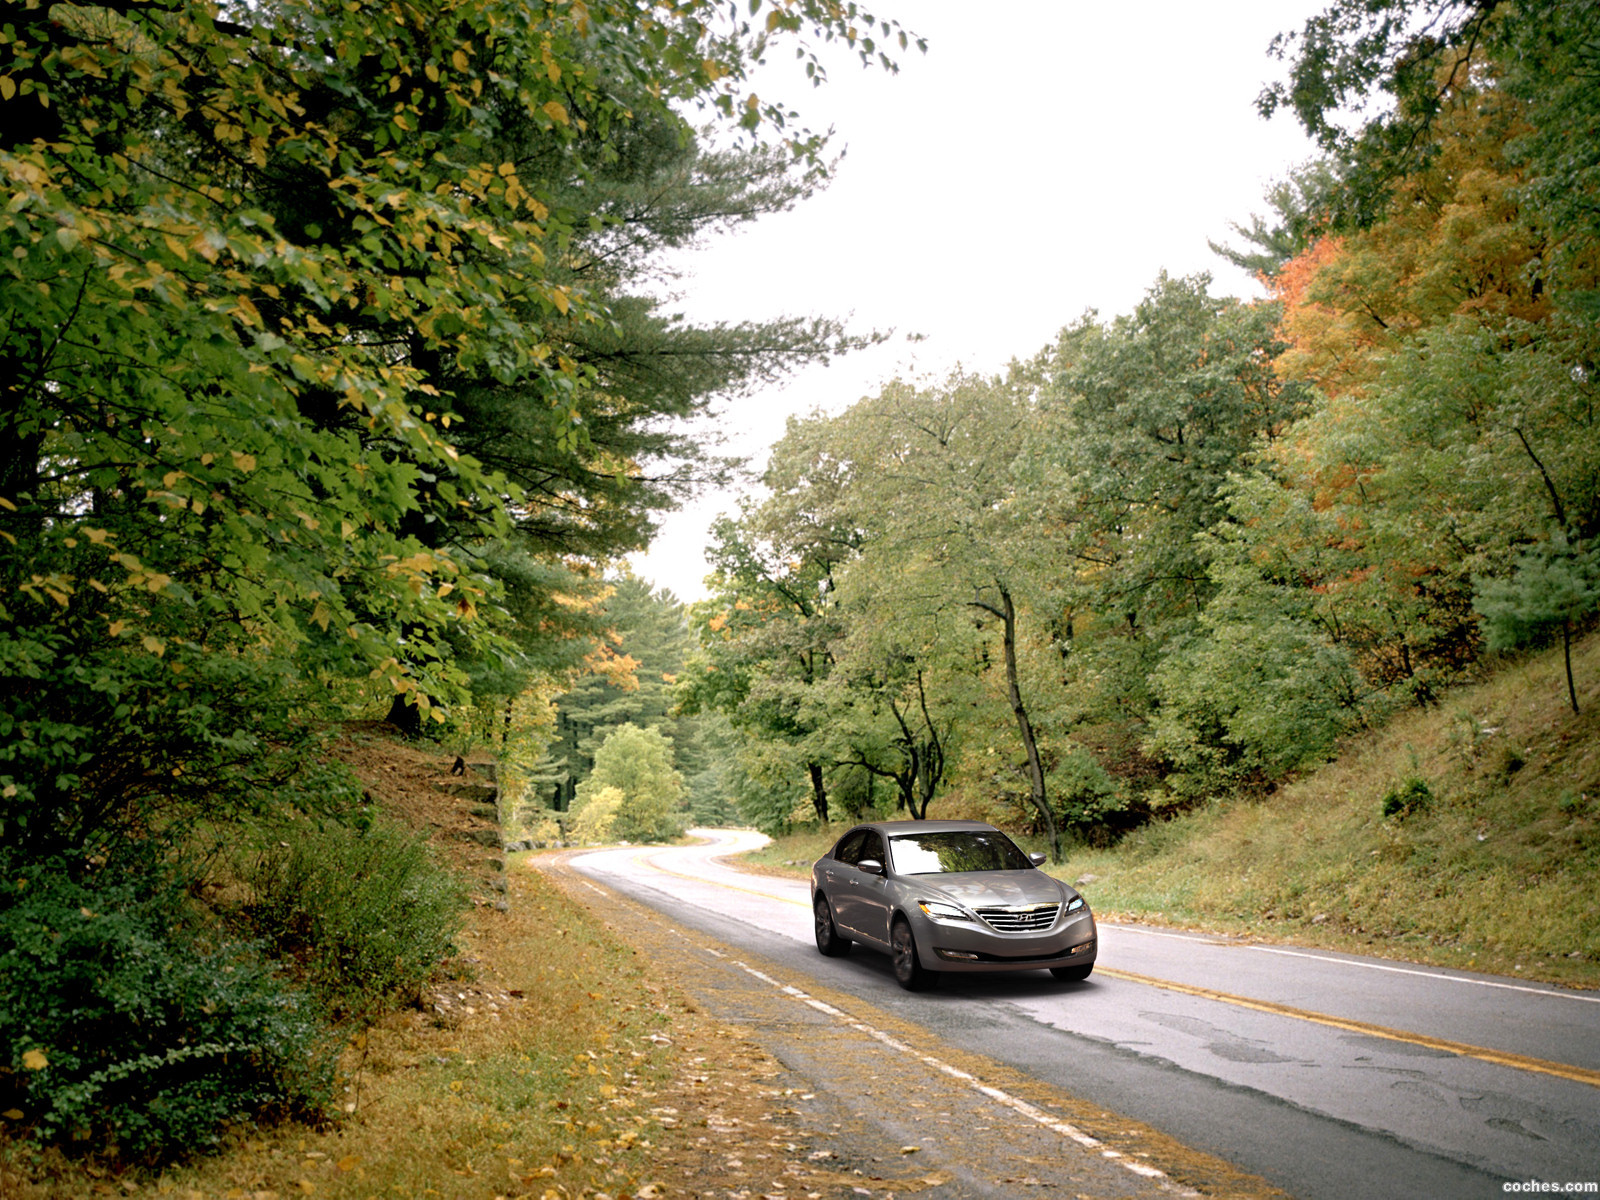 Foto 3 de Hyundai Genesis Concept 2007